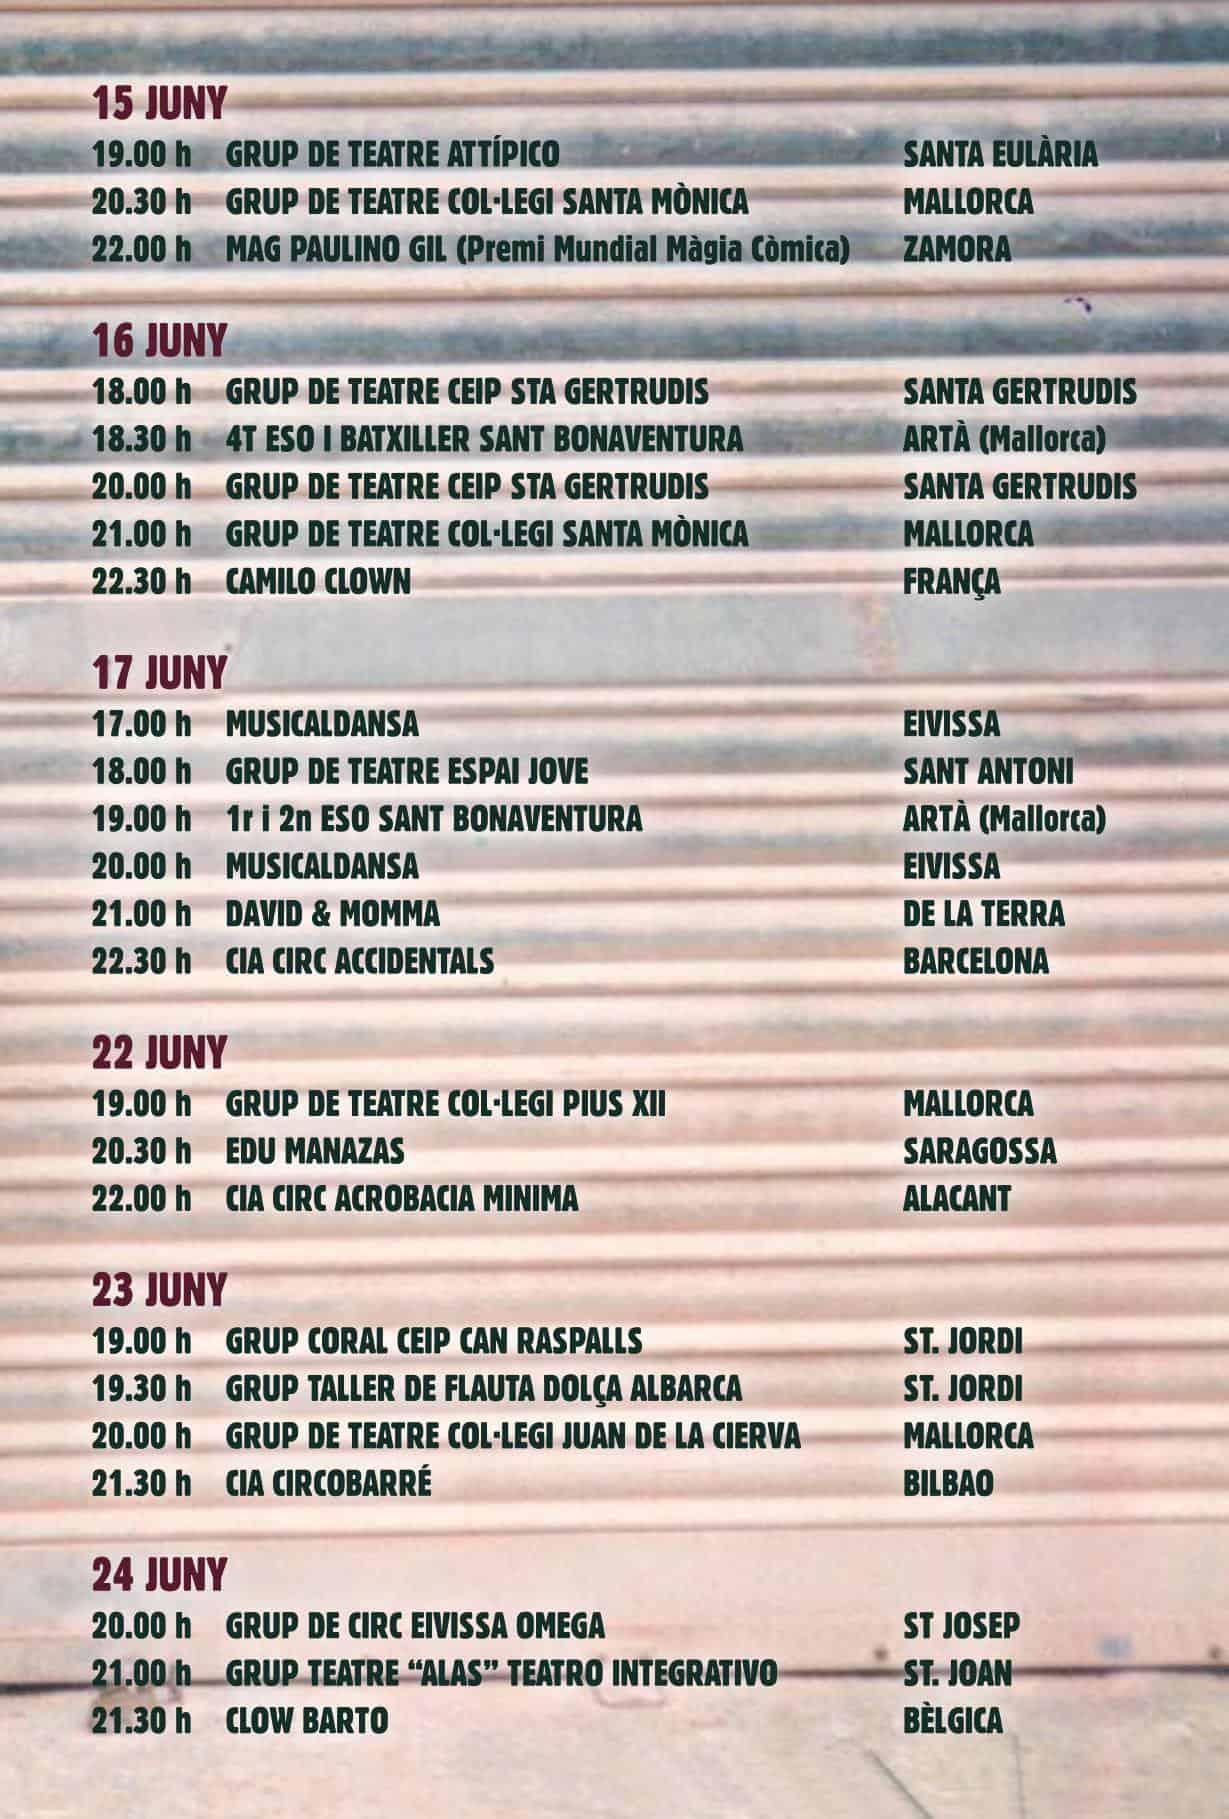 Calendario 2019 Festivos Baleares Más Populares Sant Jordi Se Llena De Cultura Con El Festn Festival De Teatro Of Calendario 2019 Festivos Baleares Más Recientemente Liberado Planes En Ibiza Jornadas Gastron³micas Ibiza Sabor Oto±o 2018